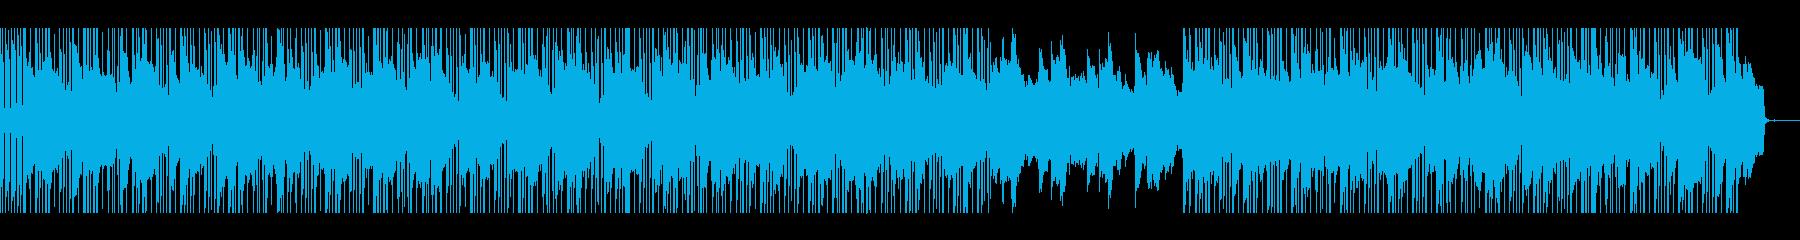 ギターを使ったChill曲の再生済みの波形